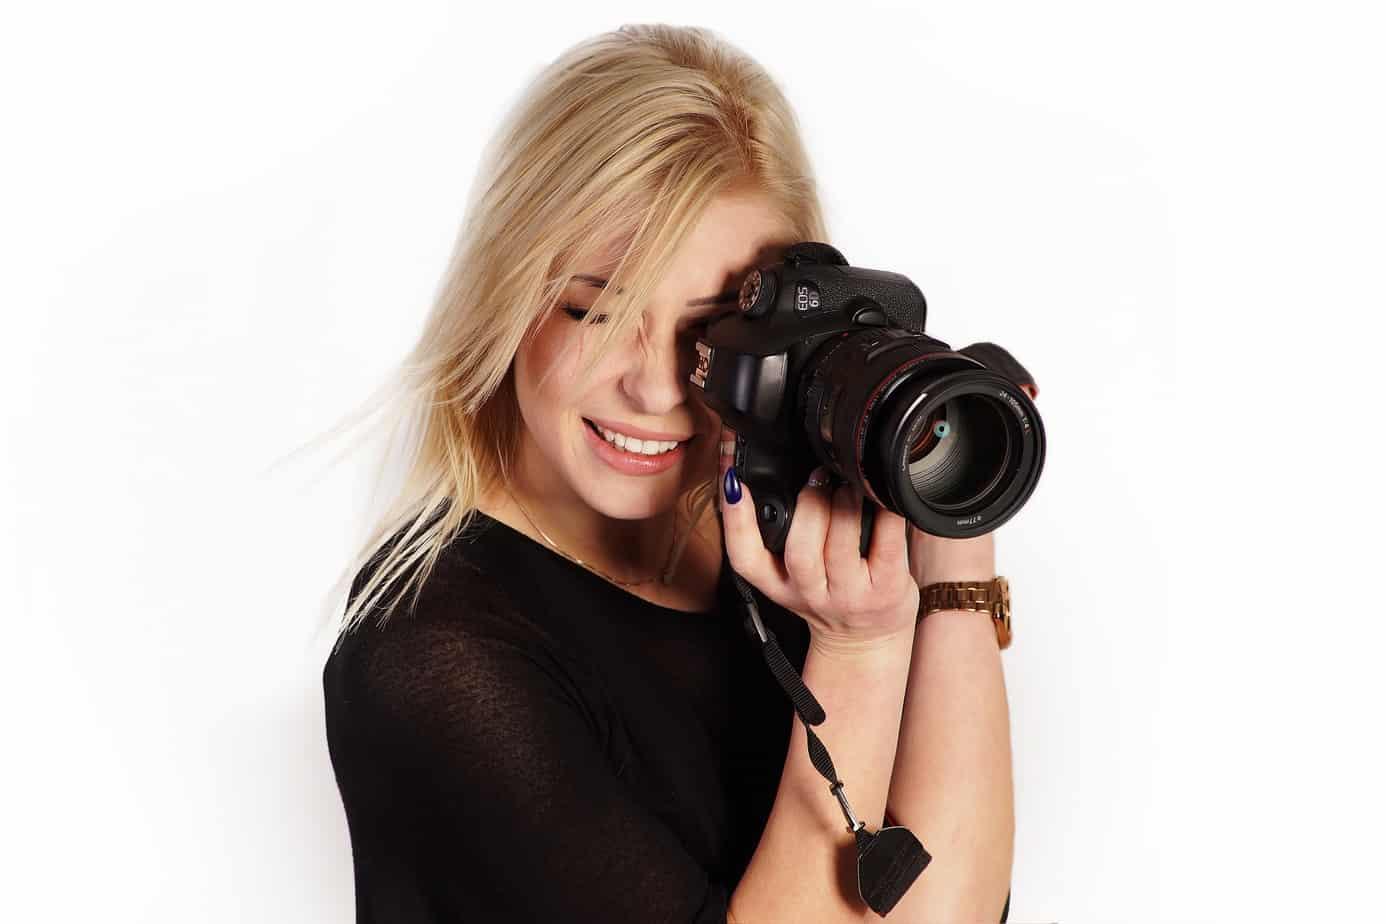 UKF – filmowanie i fotografowanie lustrzankami - rekrutacja